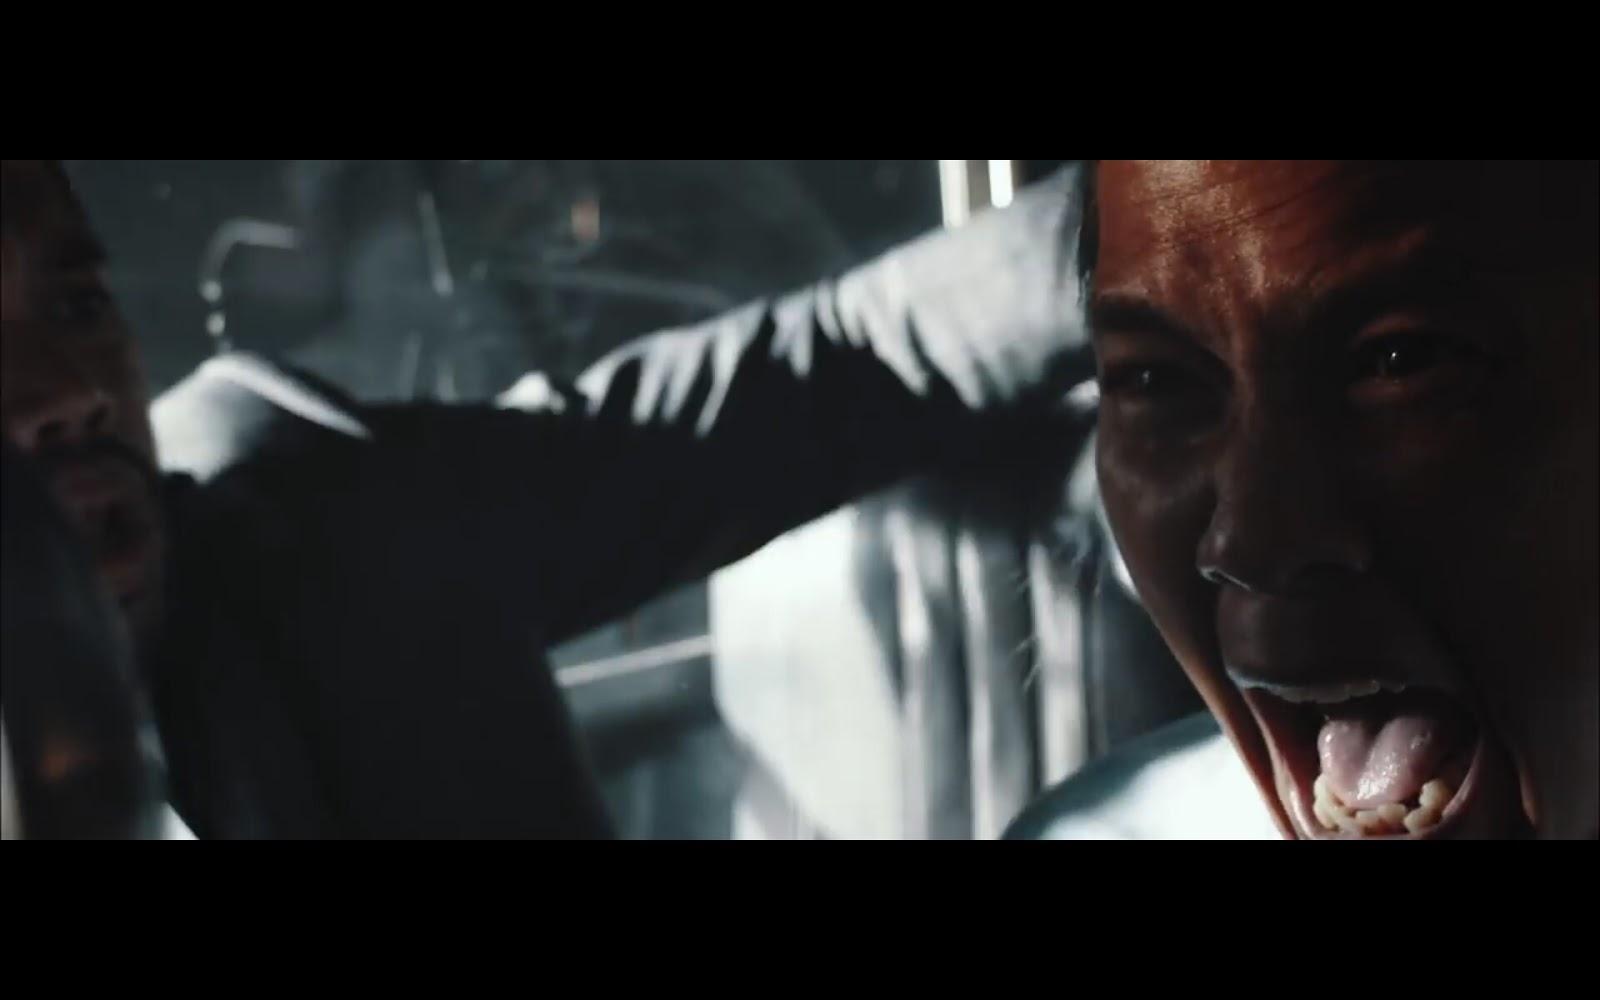 Mesej di sebalik Video Muzik Pejamkan Mata , maksud video muzik pejamkan mata